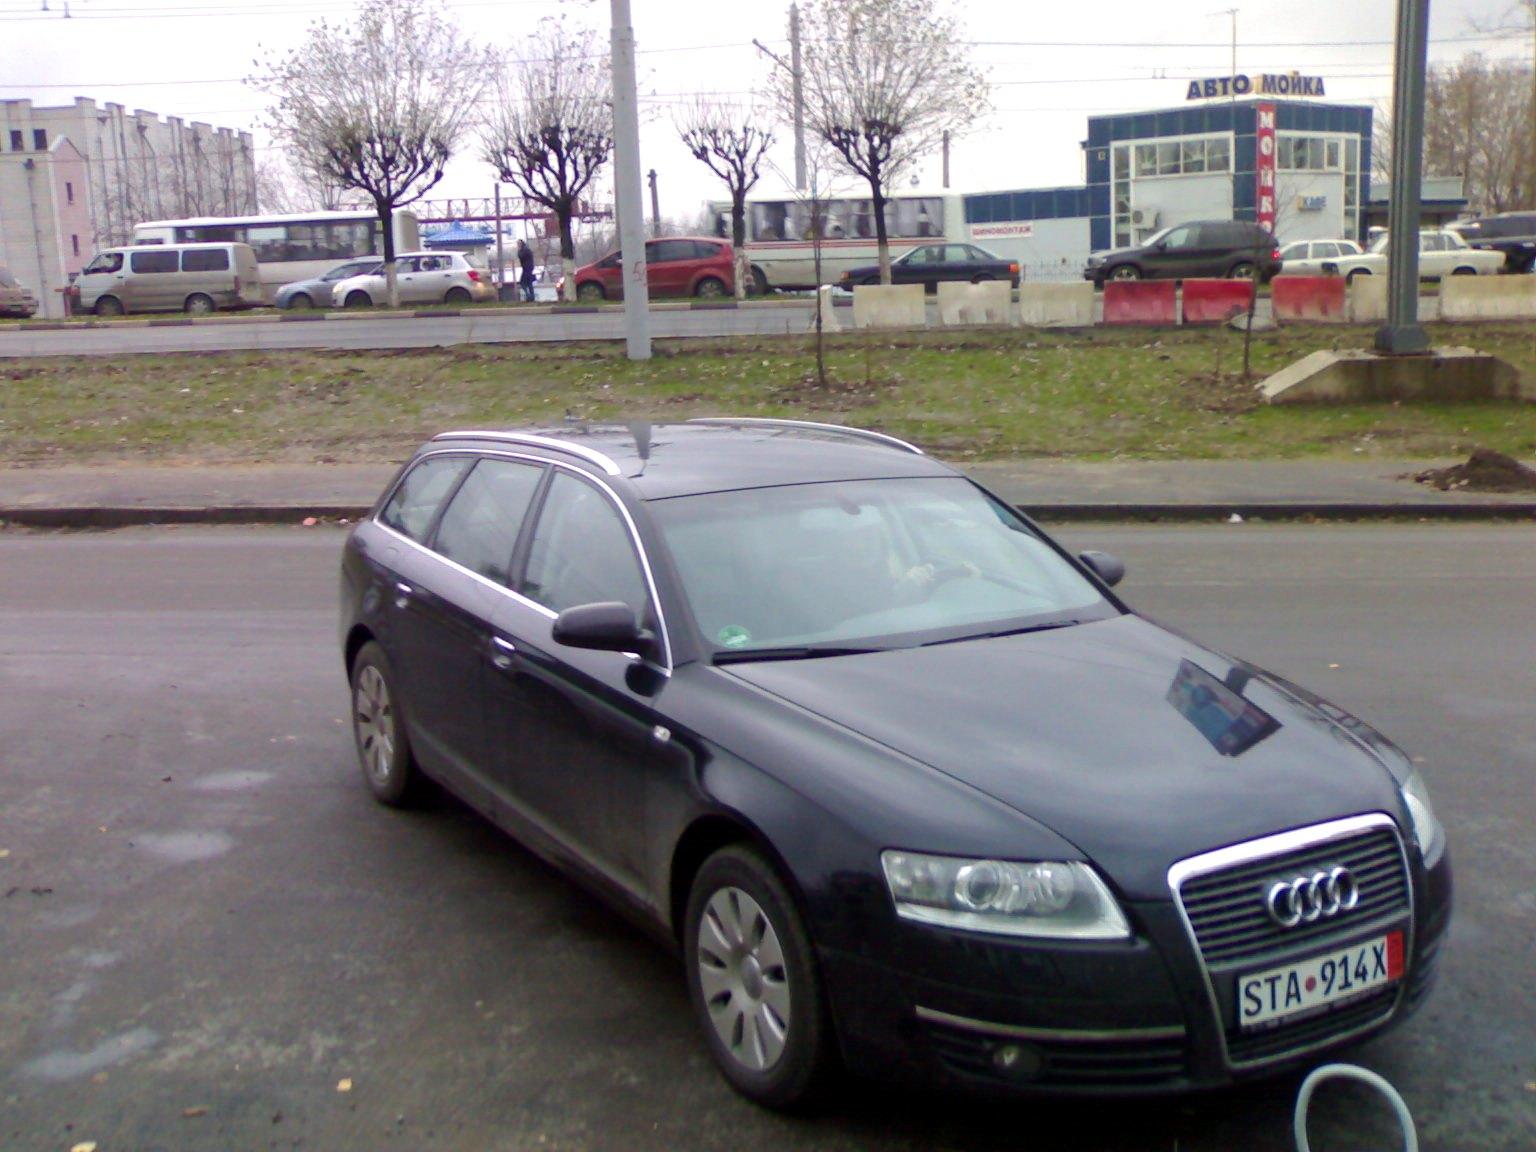 растаможка автомобиля в Ярославле